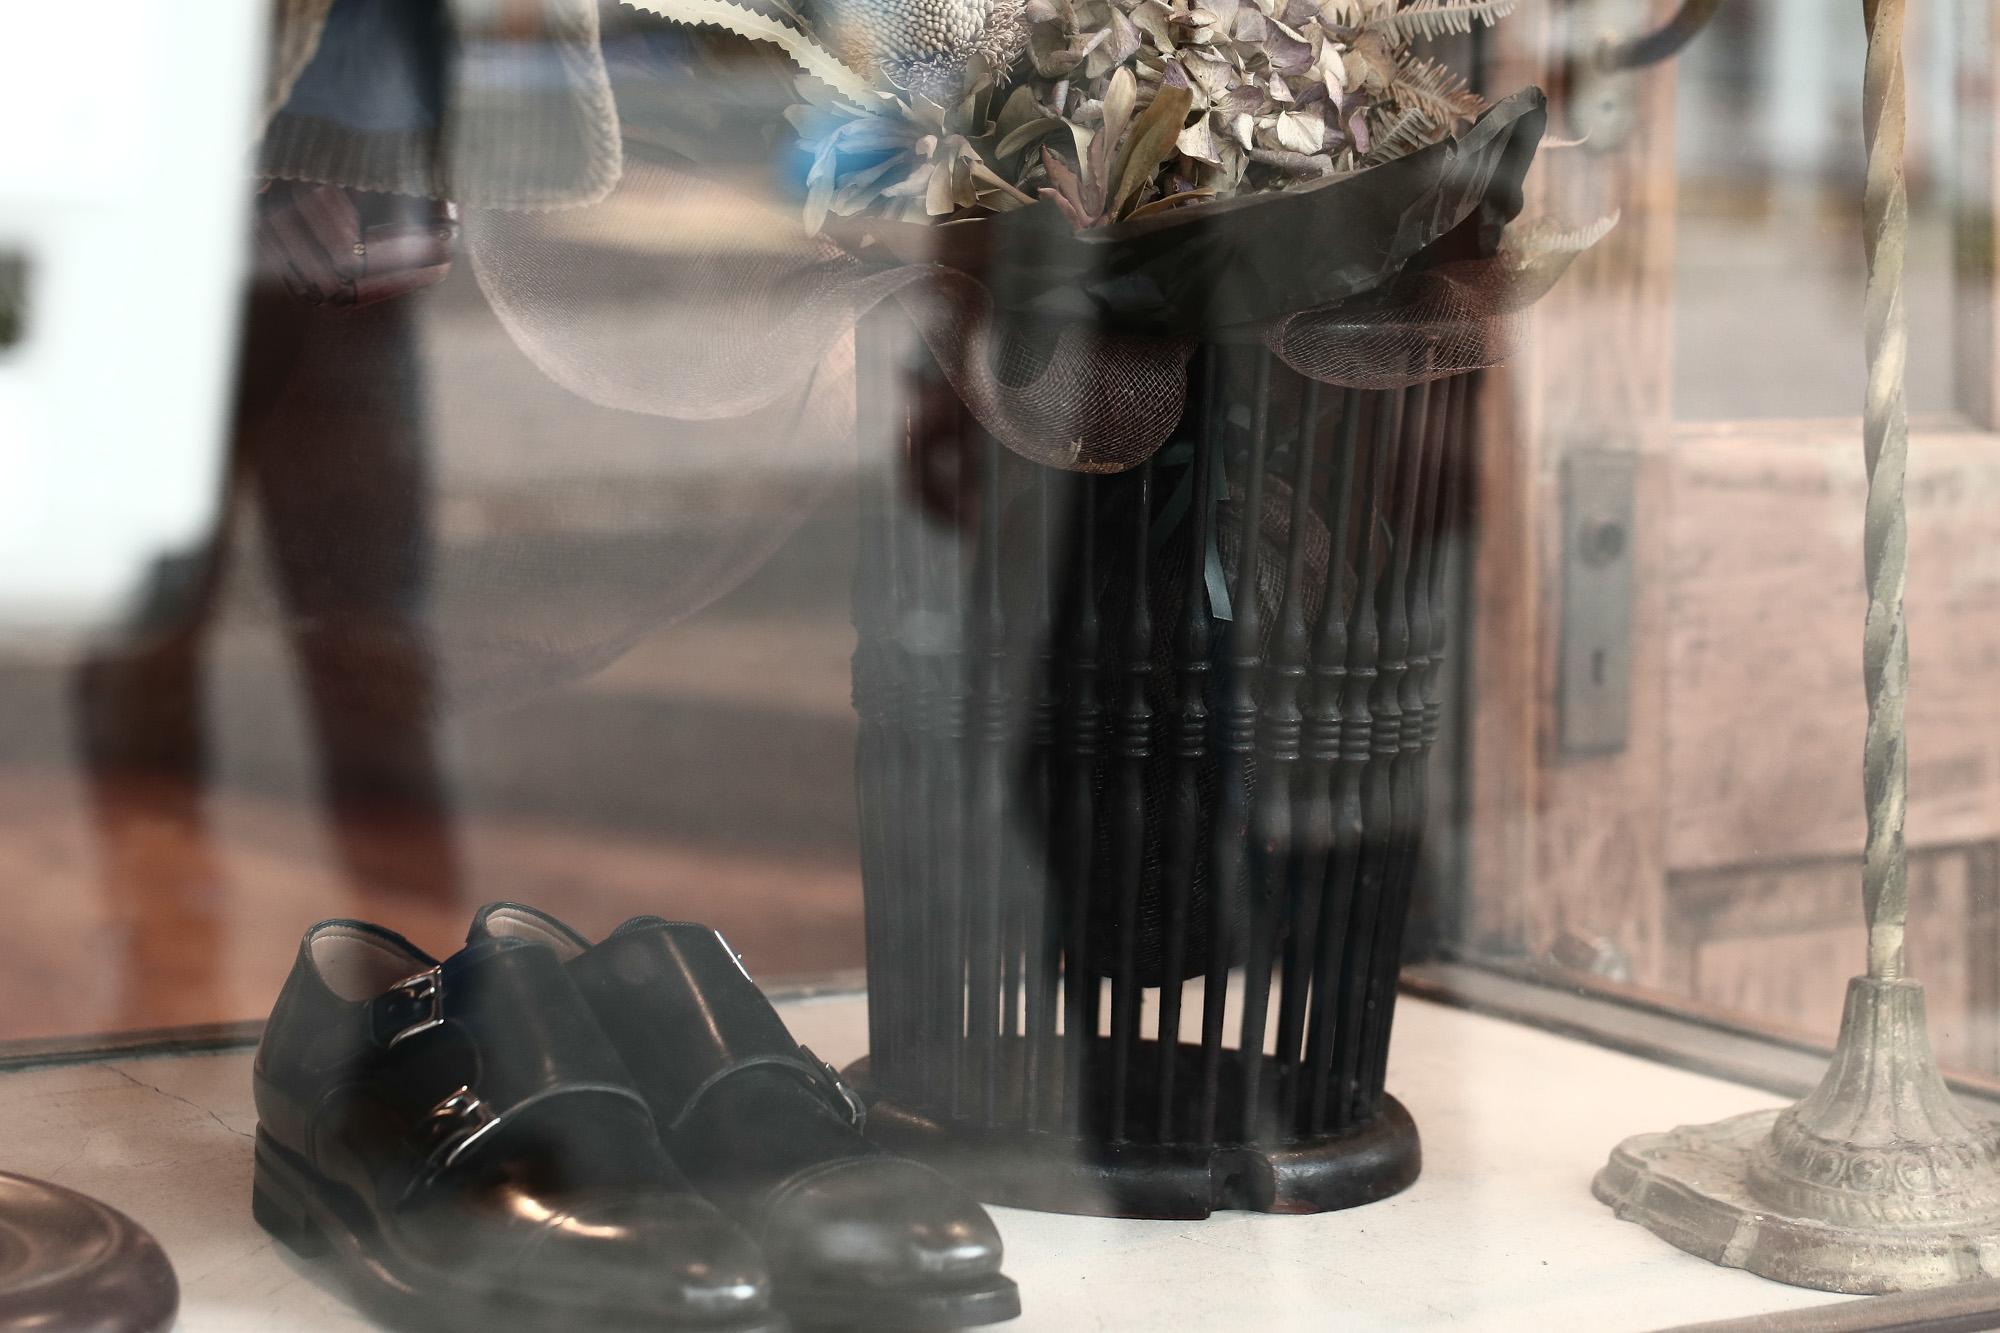 ドライフラワー 鉢花器 器 うつわ アメリカ製 ベルギー製 愛知 名古屋 Alto e Diritto アルト エ デリット 花 フラワー ドライ ブリザードフラワー dried flower bowl usa Belgium ドライフラワー専門店 ある日 枝物 和物 洋物 岐阜 三重 静岡 東京 京都 大阪 福岡 洋服屋 セレクトショップ